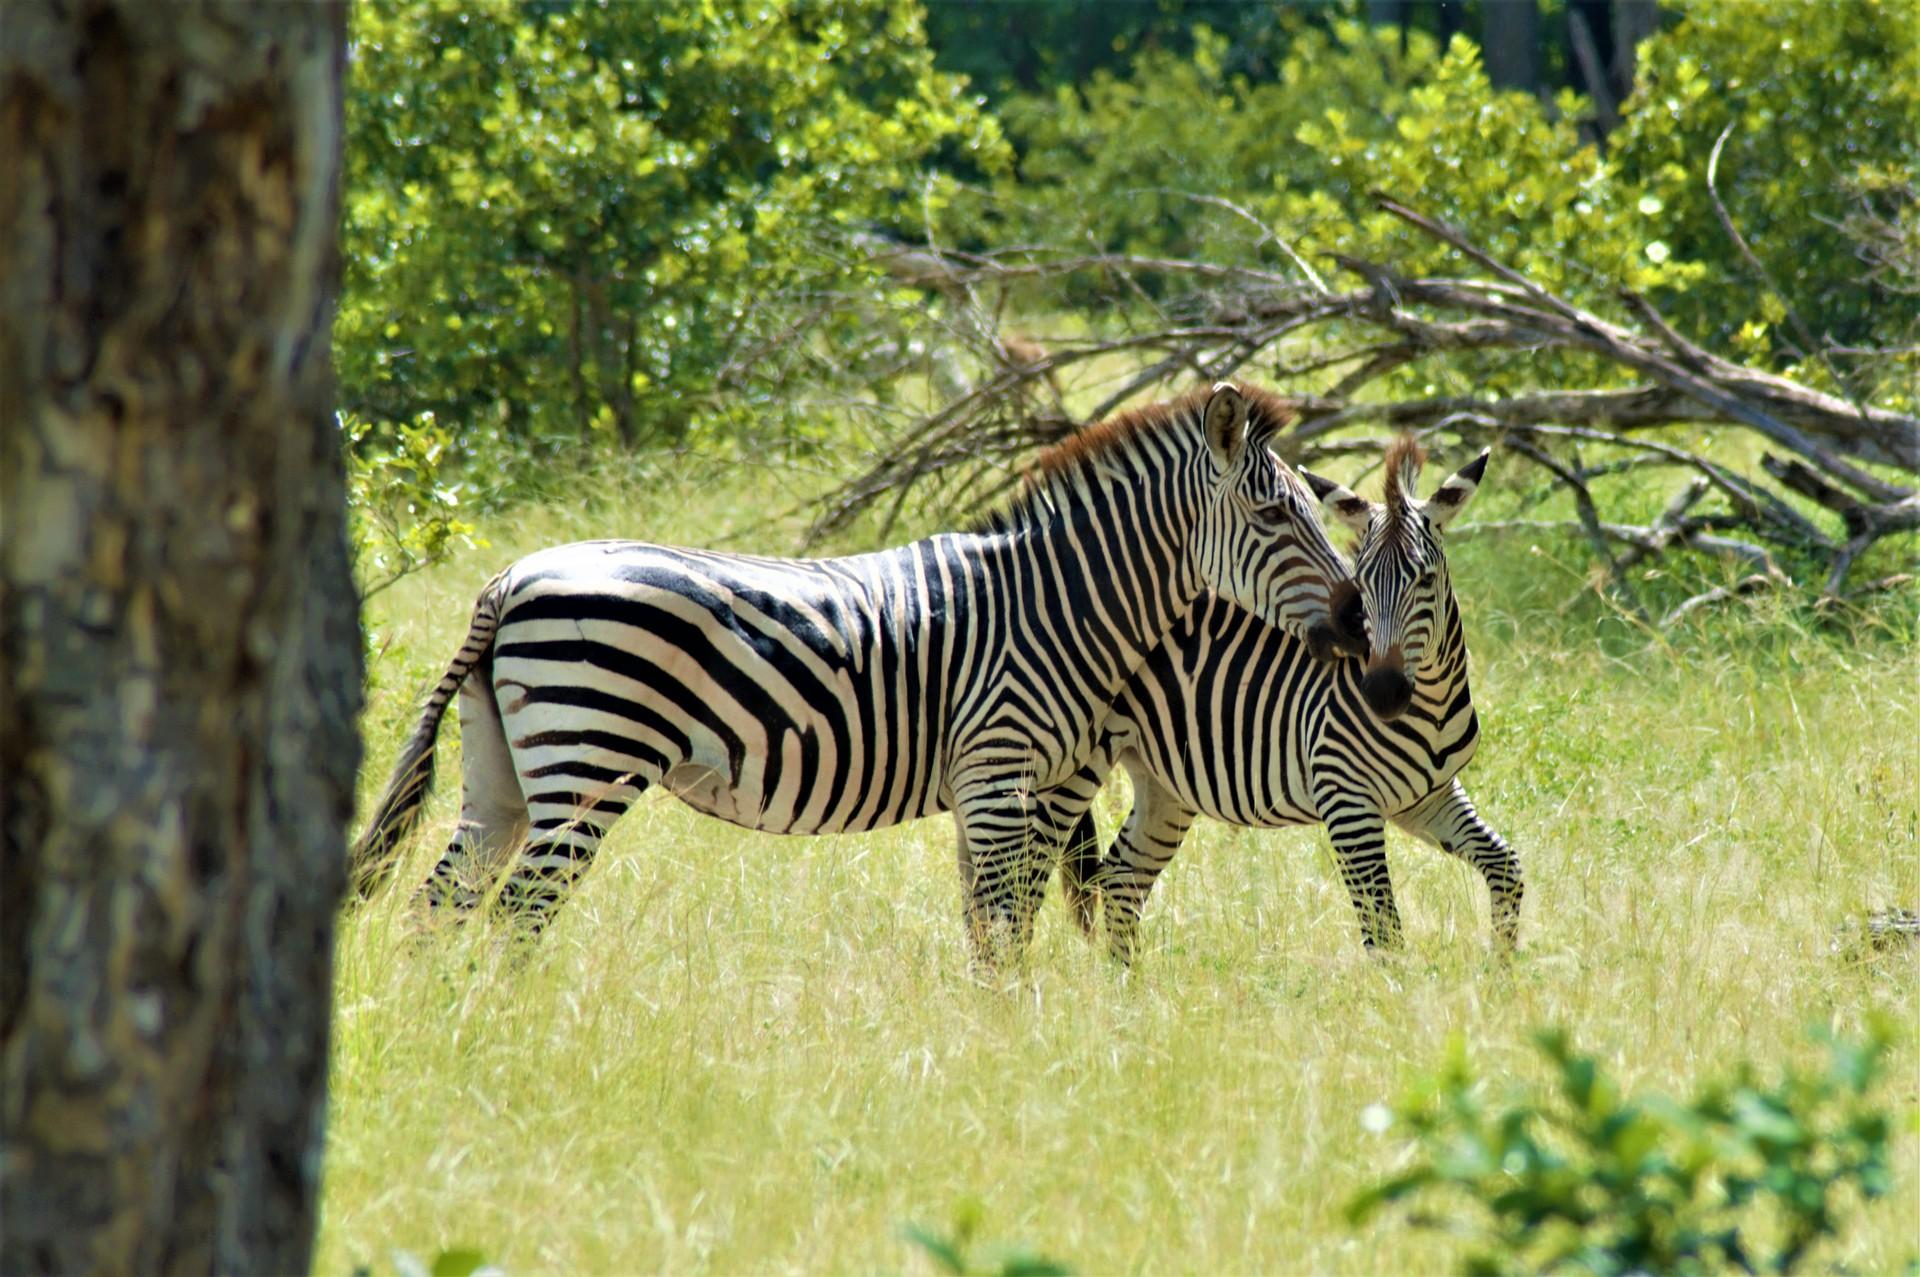 Zebras in Liwonde National Park Malawi